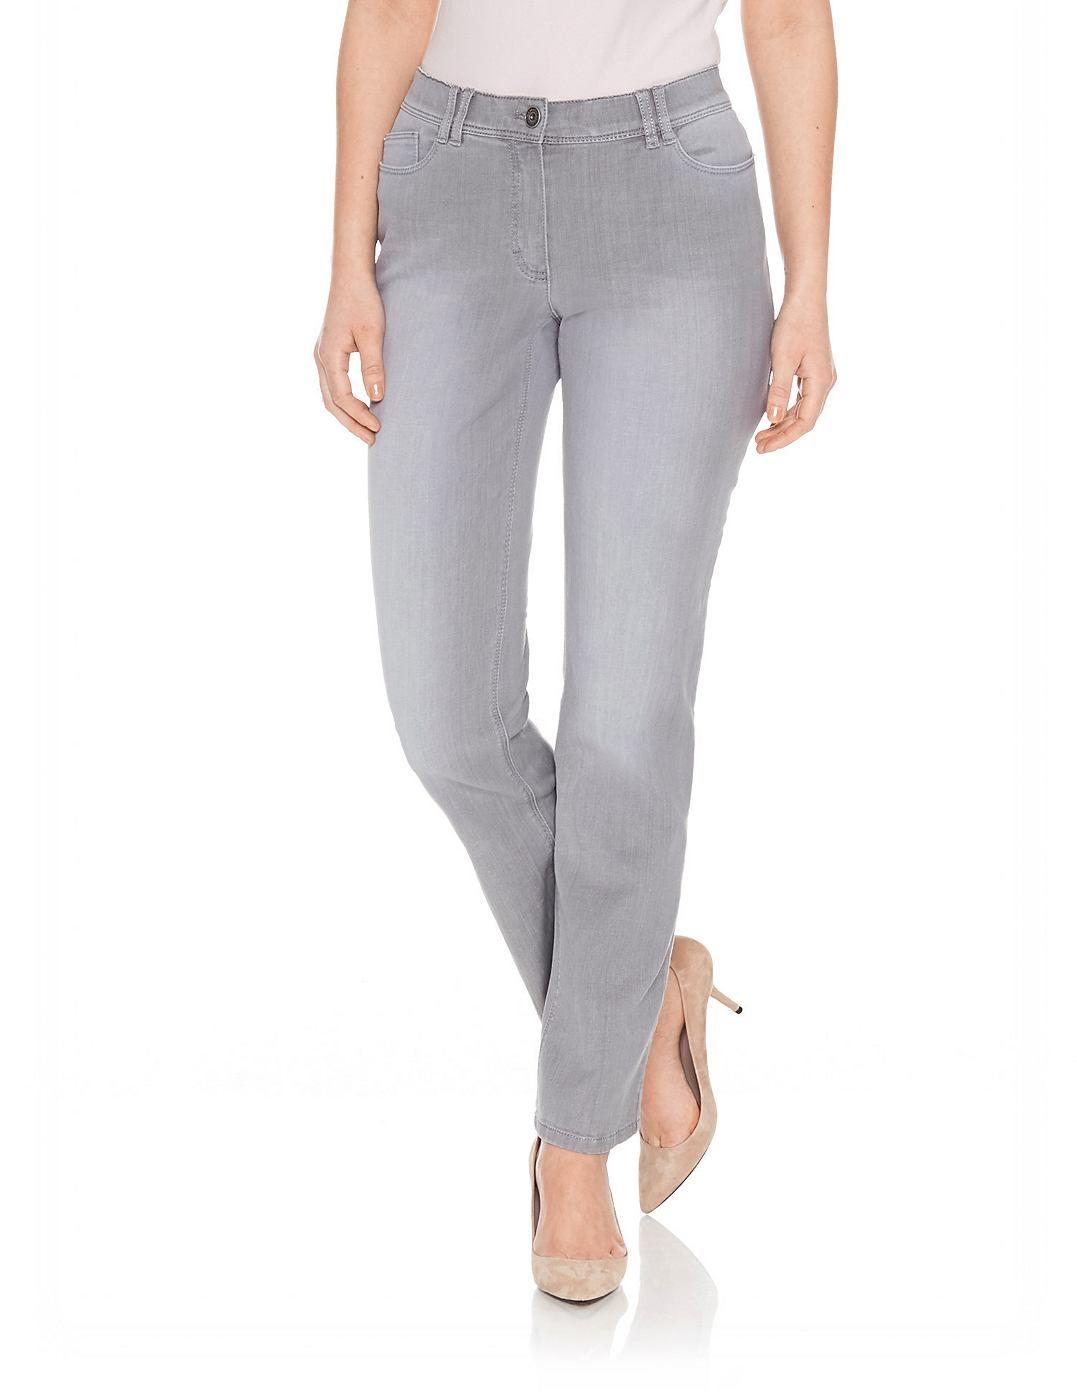 detaillierte Bilder zuverlässigste Super Specials SAMOON Hose Jeans lang »Jeans mit Applikationen Betty Jeans ...